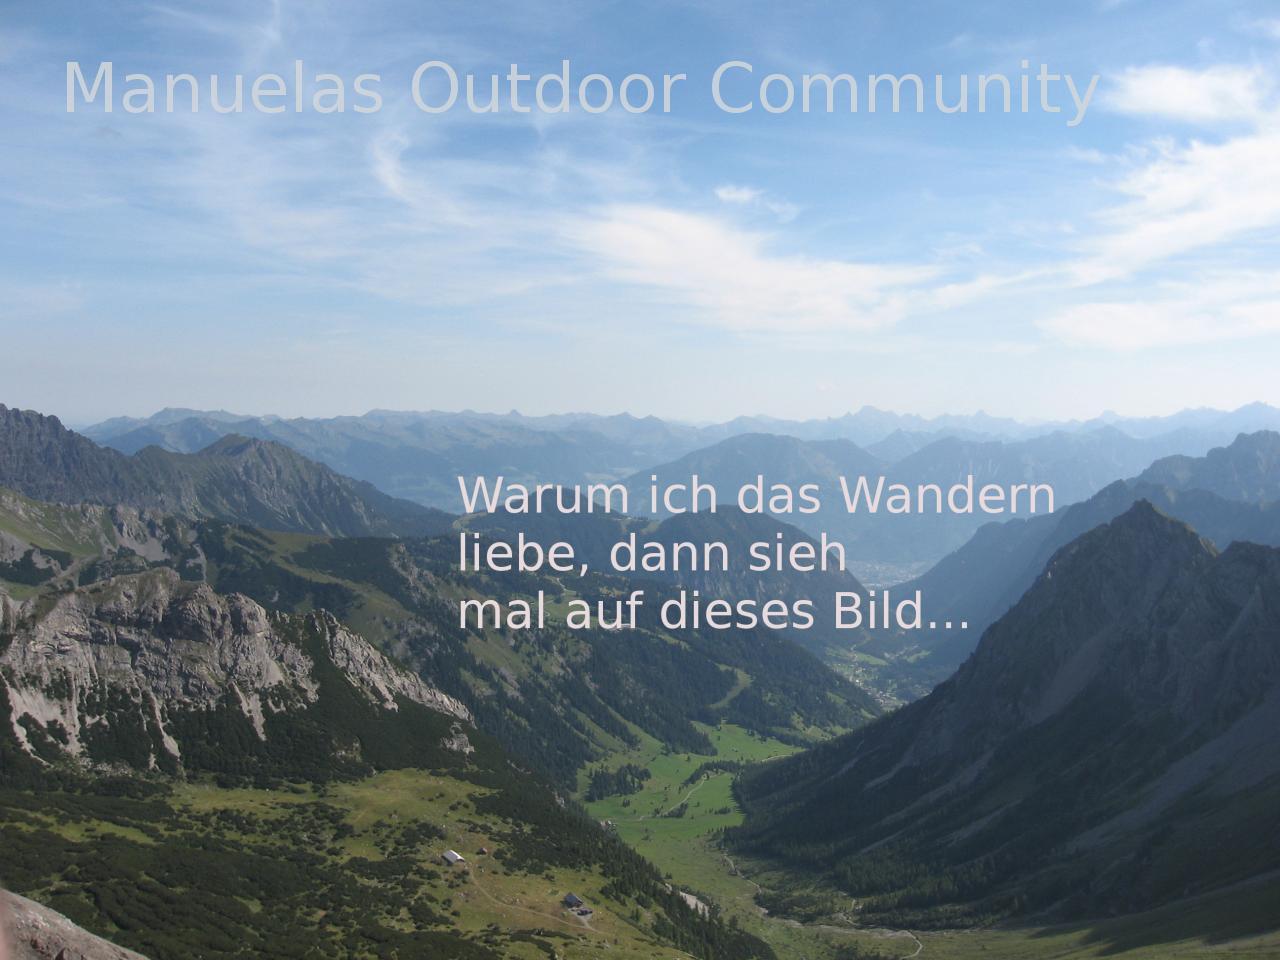 Wandern-Aussicht-Spruch: Manuelas Outdoor Community